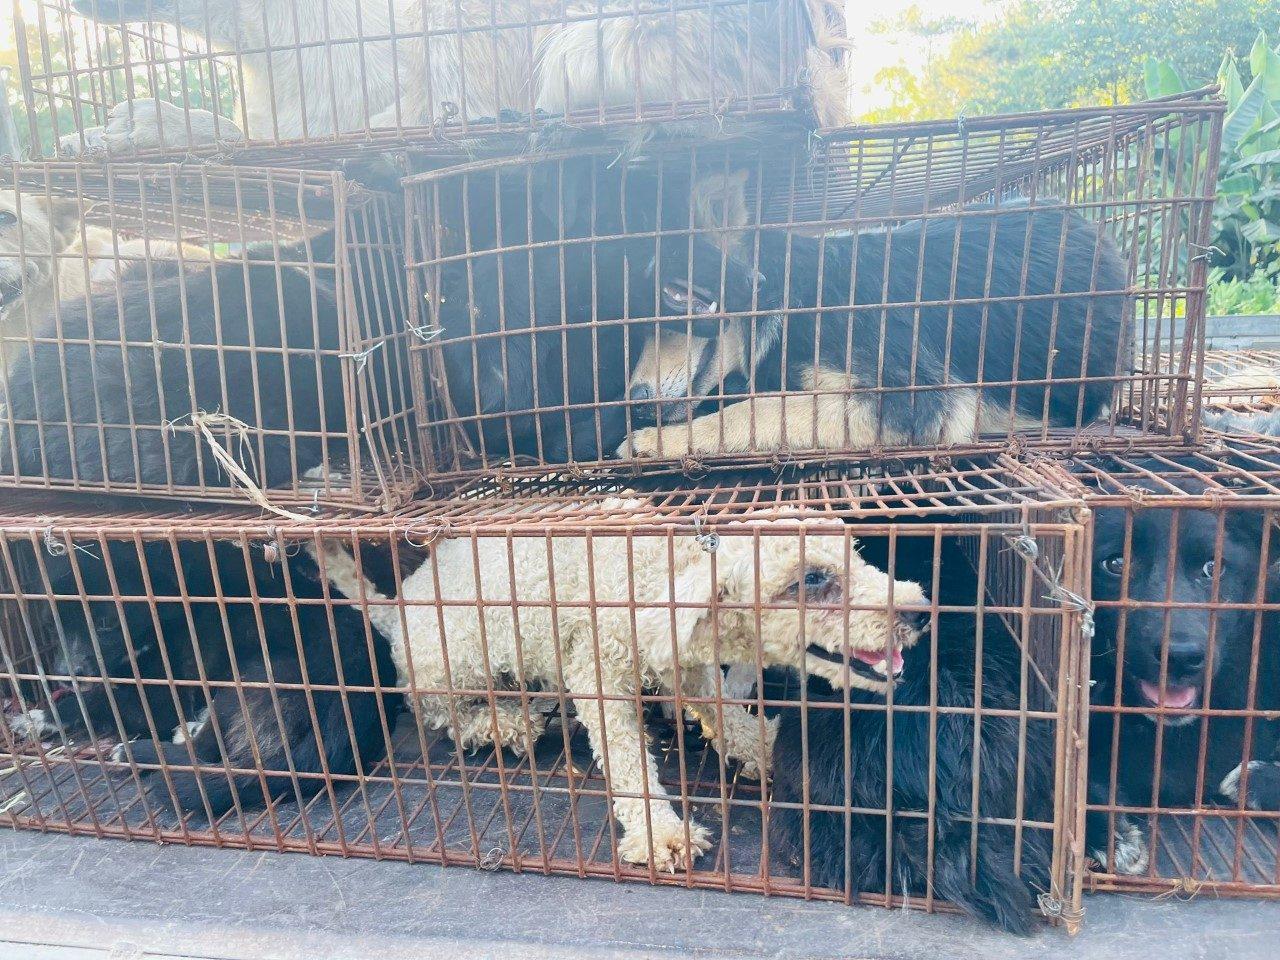 Cani ammassati dentro le gabbia in attesa della vendita e della morte. Yulin 2021. (credits: attivisti cinesi)